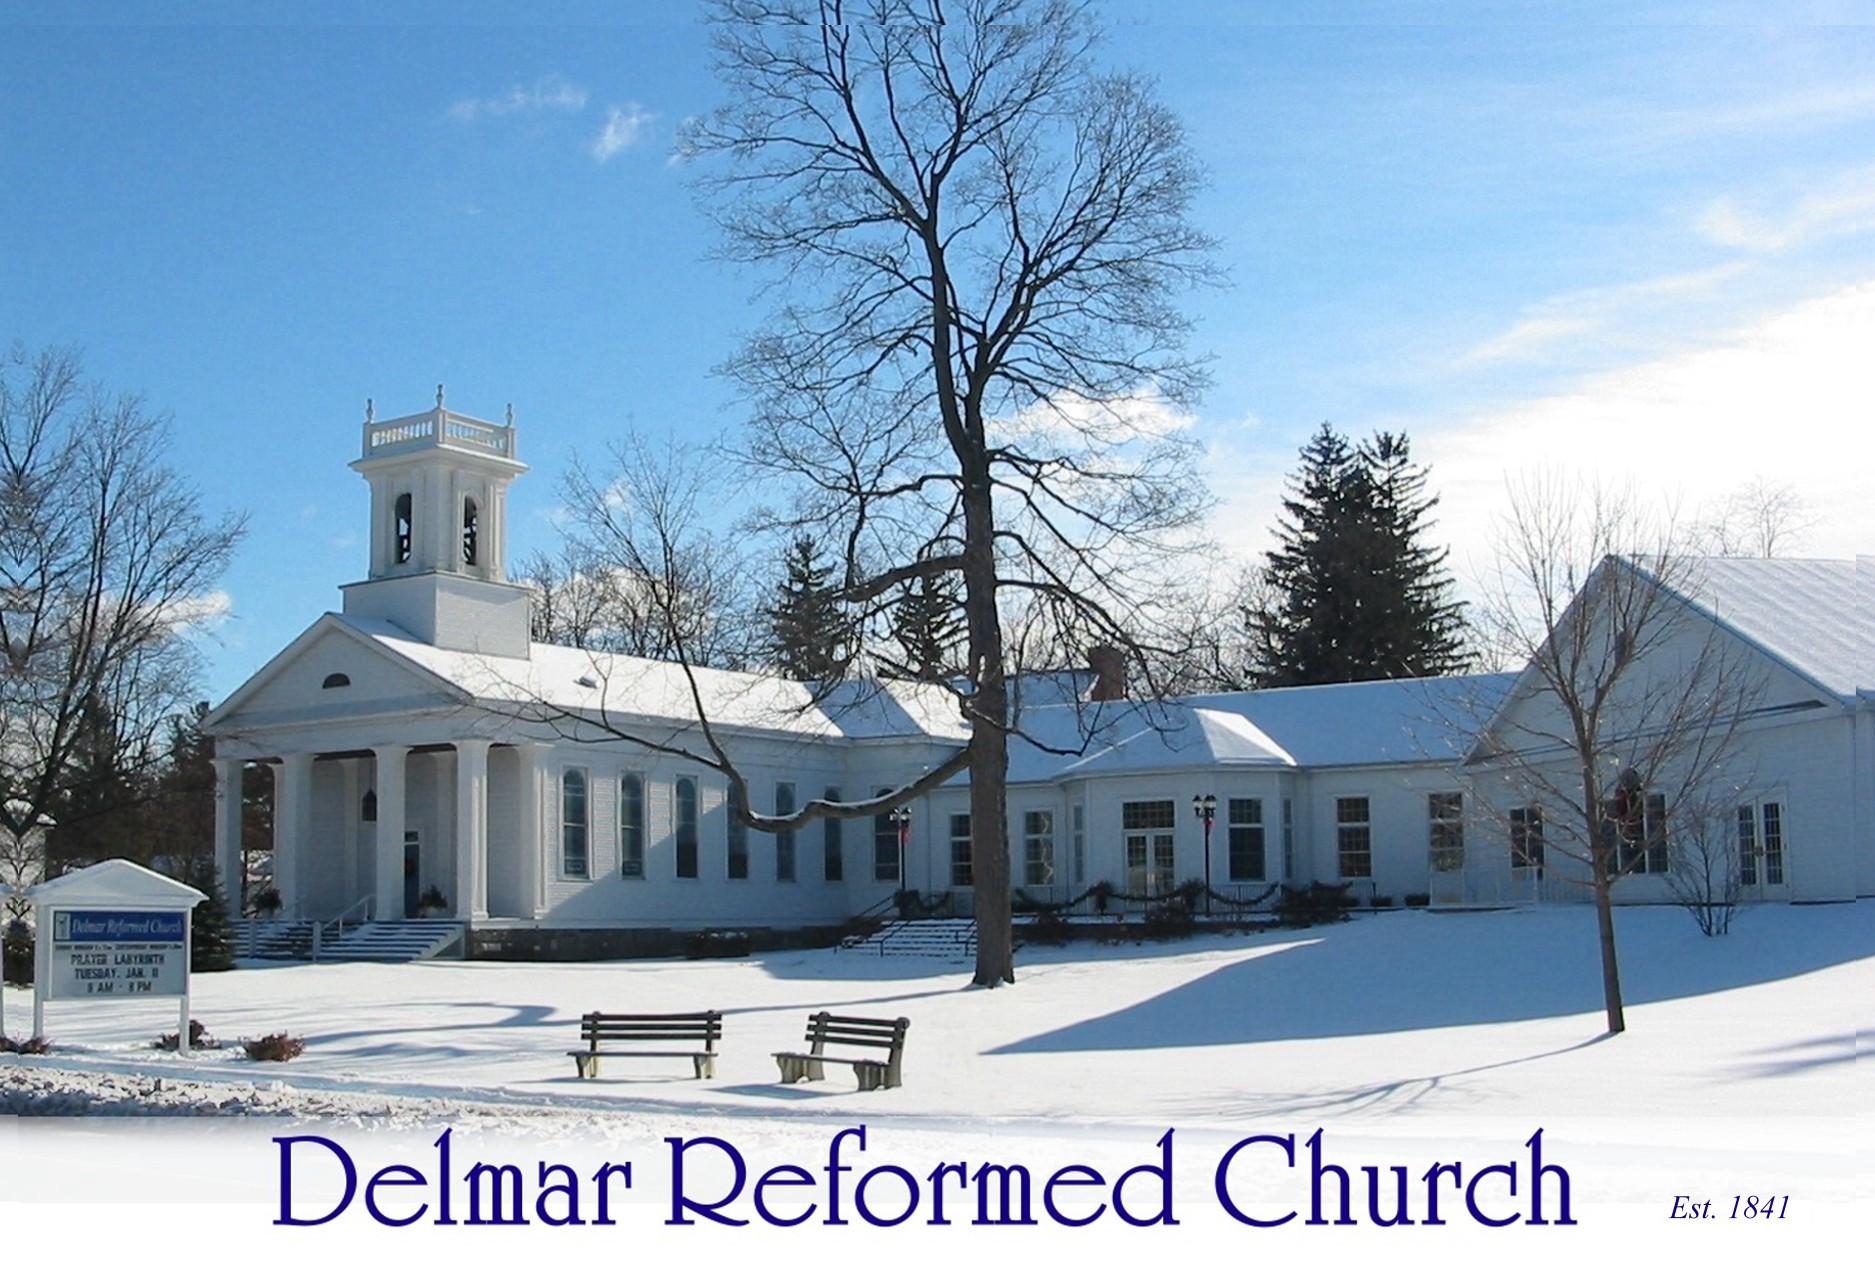 church-winter-card wbleed.jpg